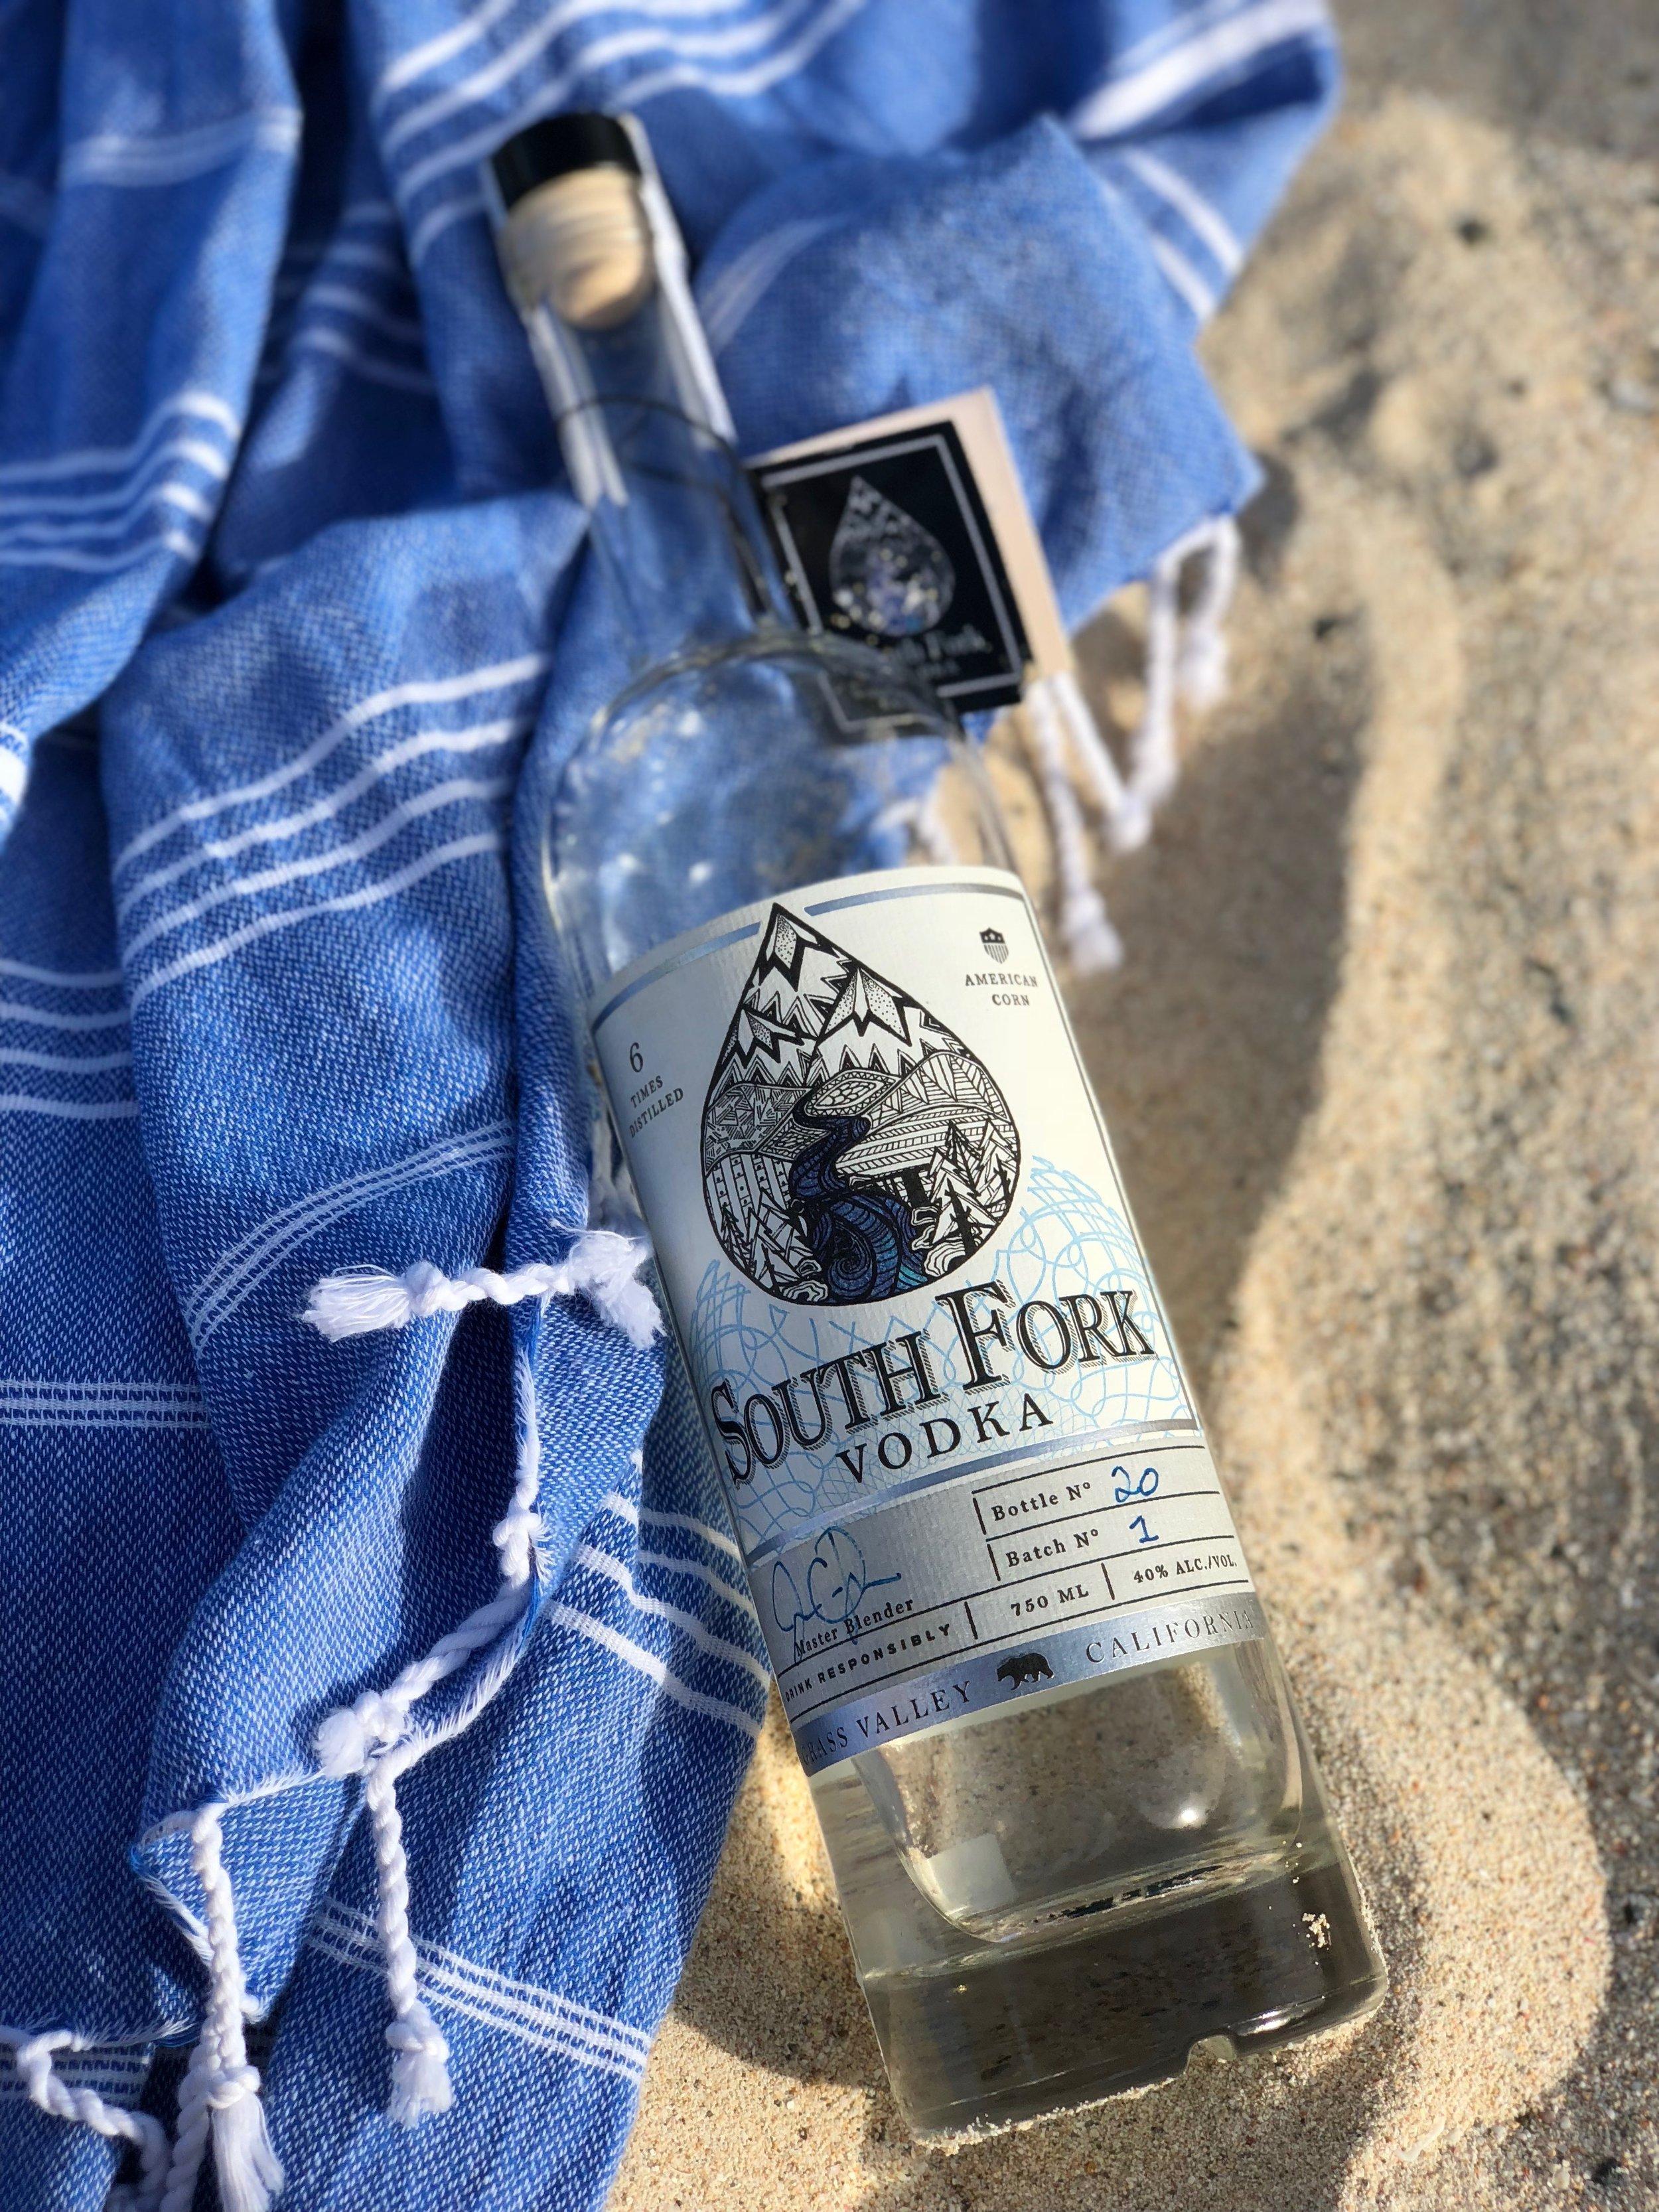 vodka bottle.jpg